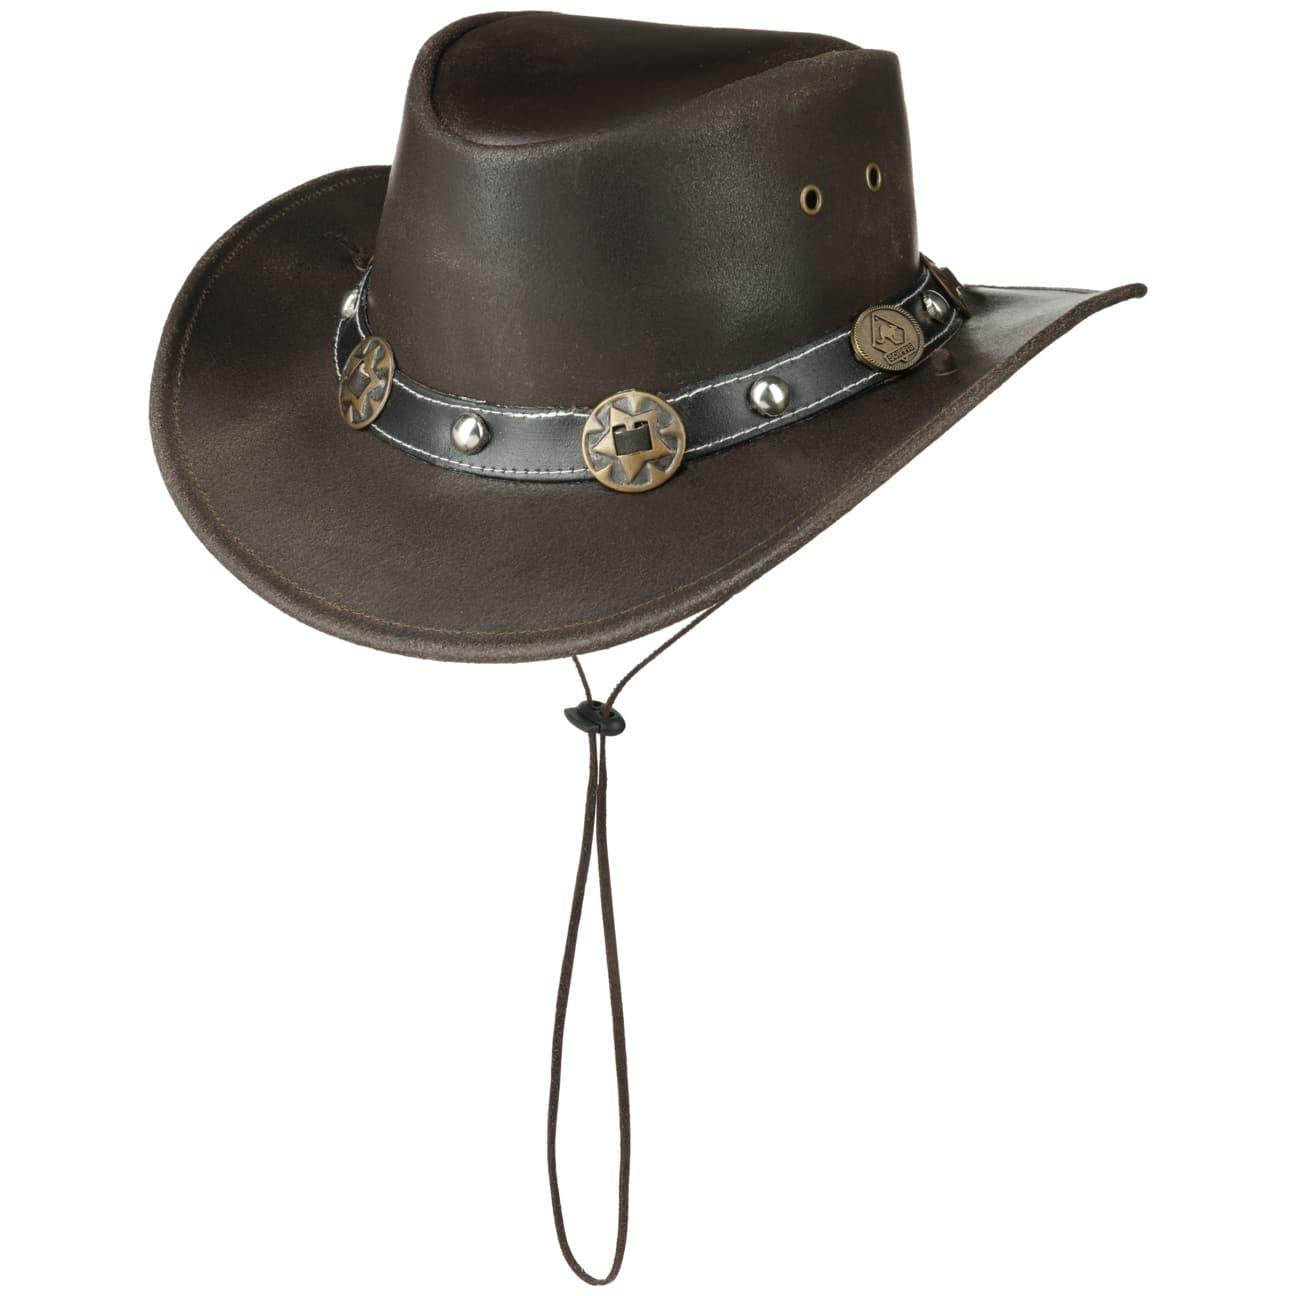 Sombrero de Piel Concho by Scippis  sombrero australiano